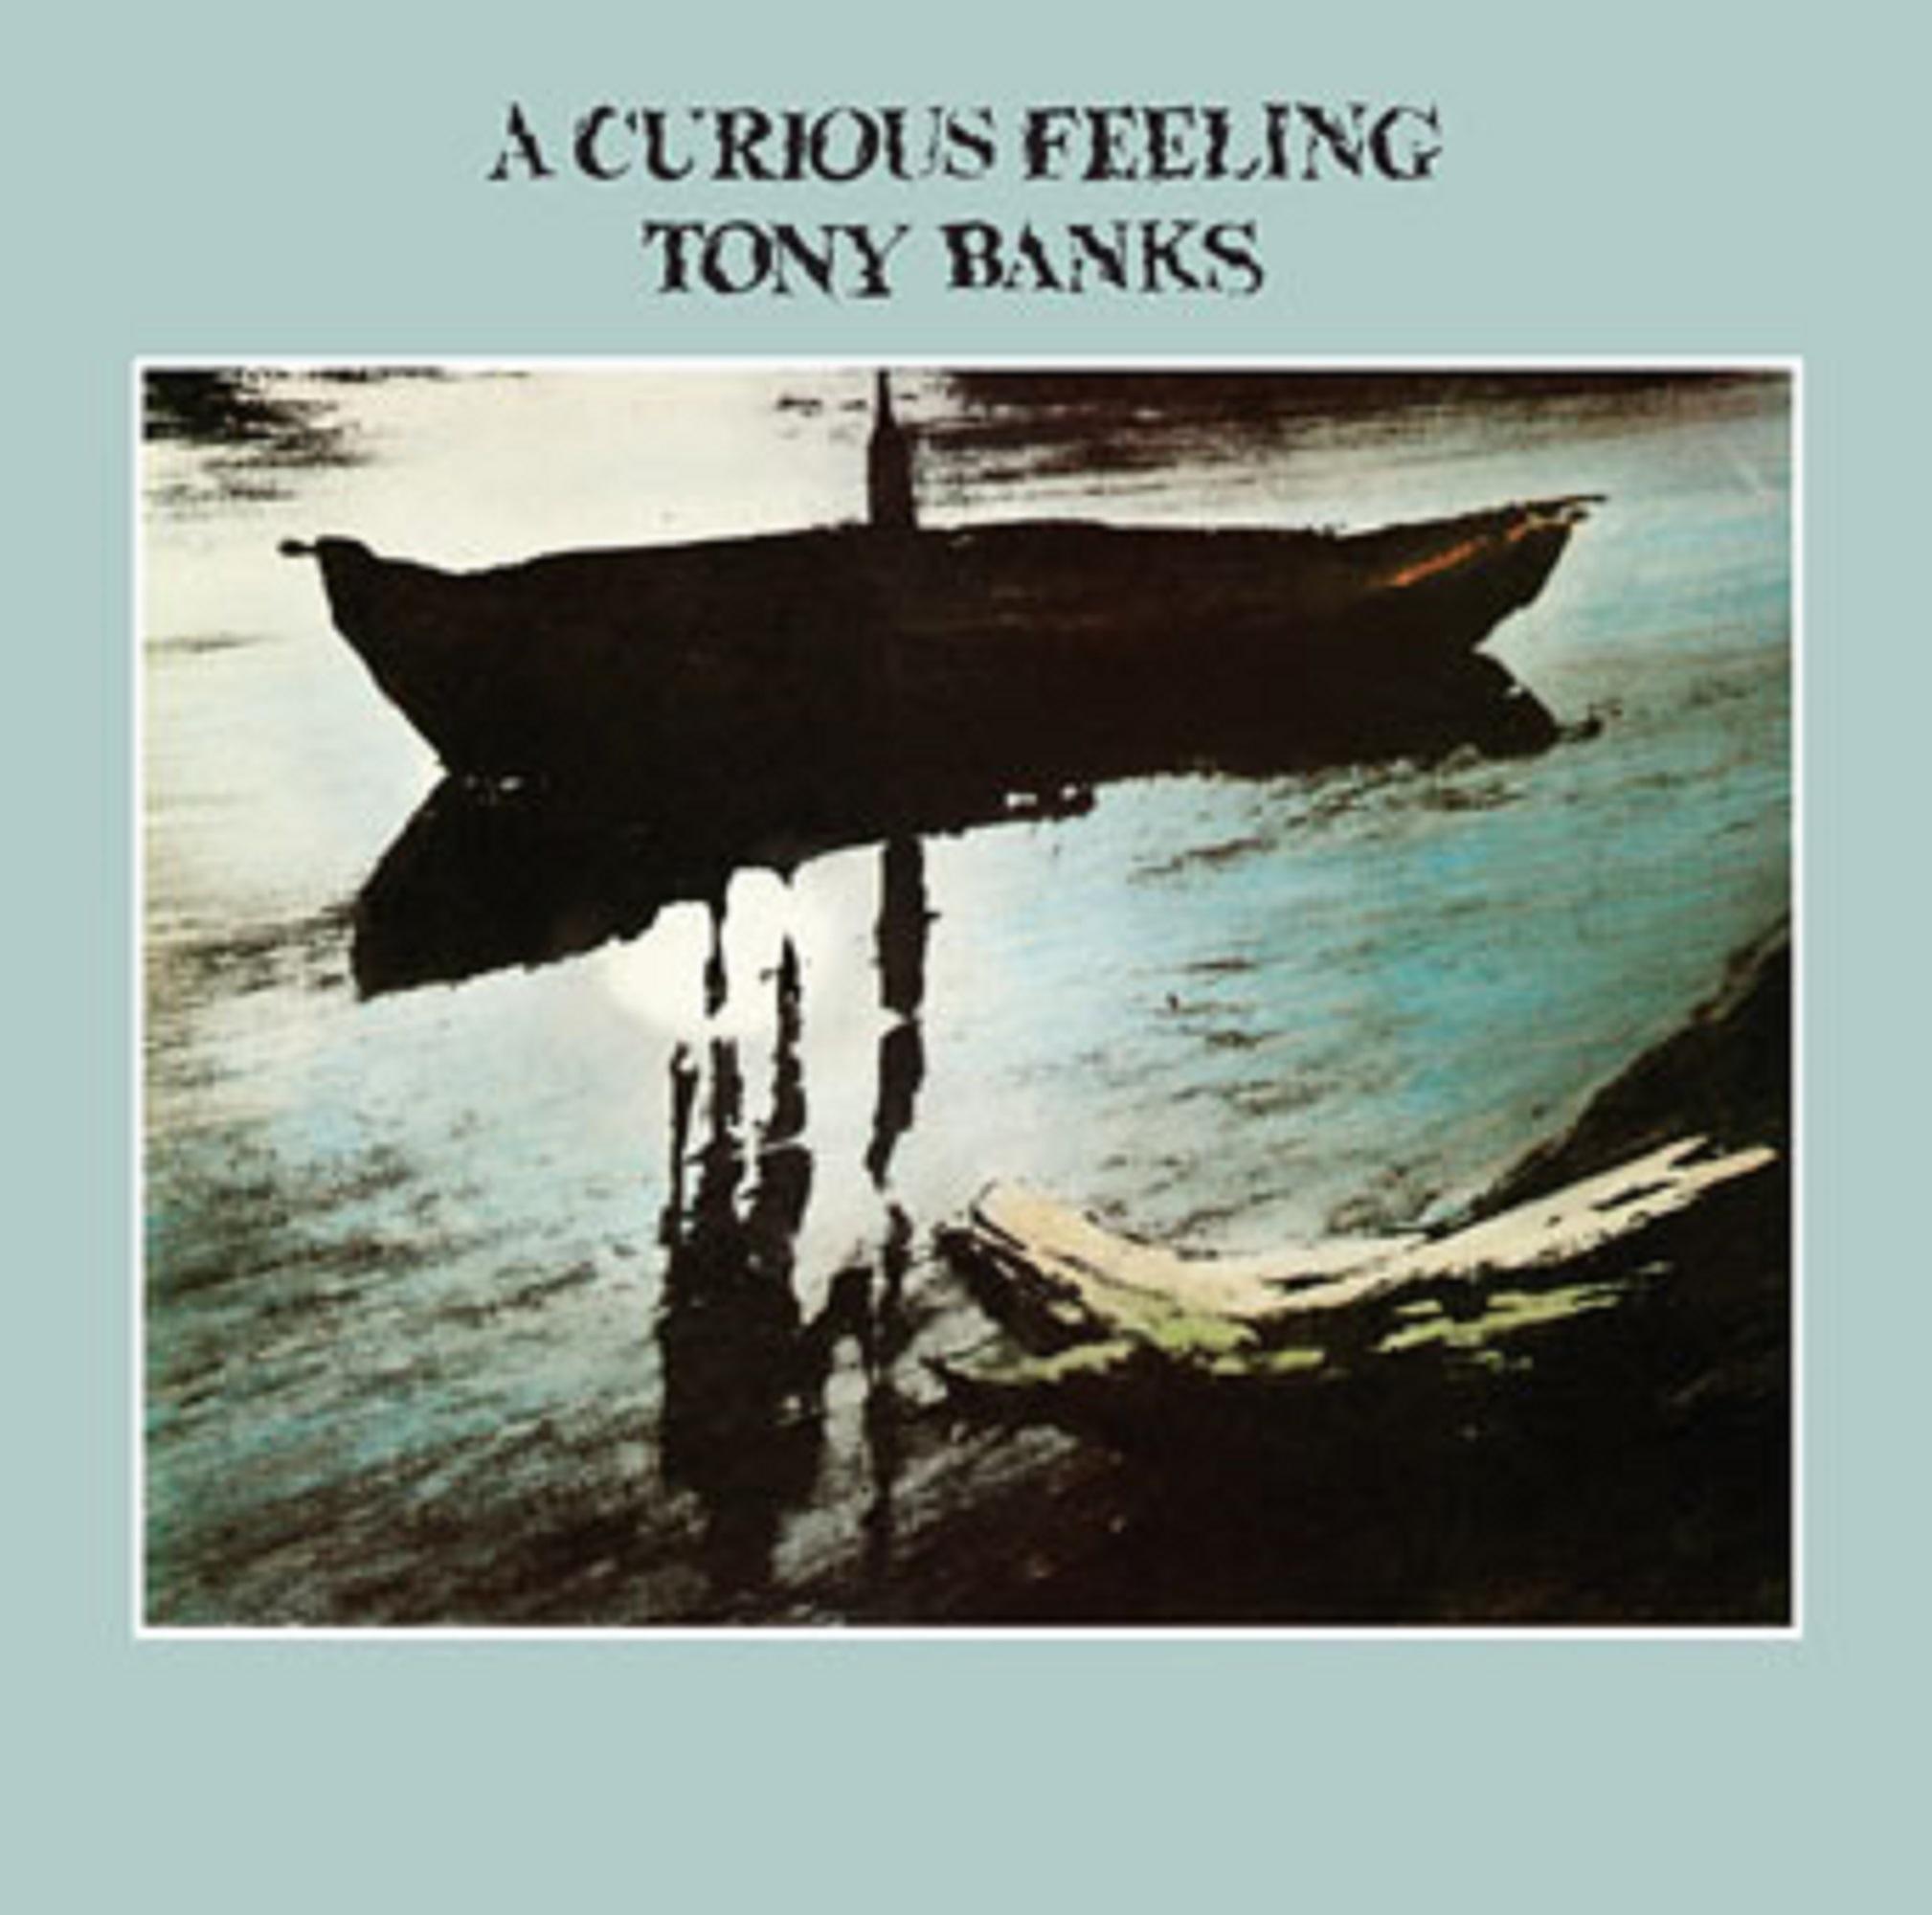 A Curious Feeling 180g Vinyl Edition Tony Banks